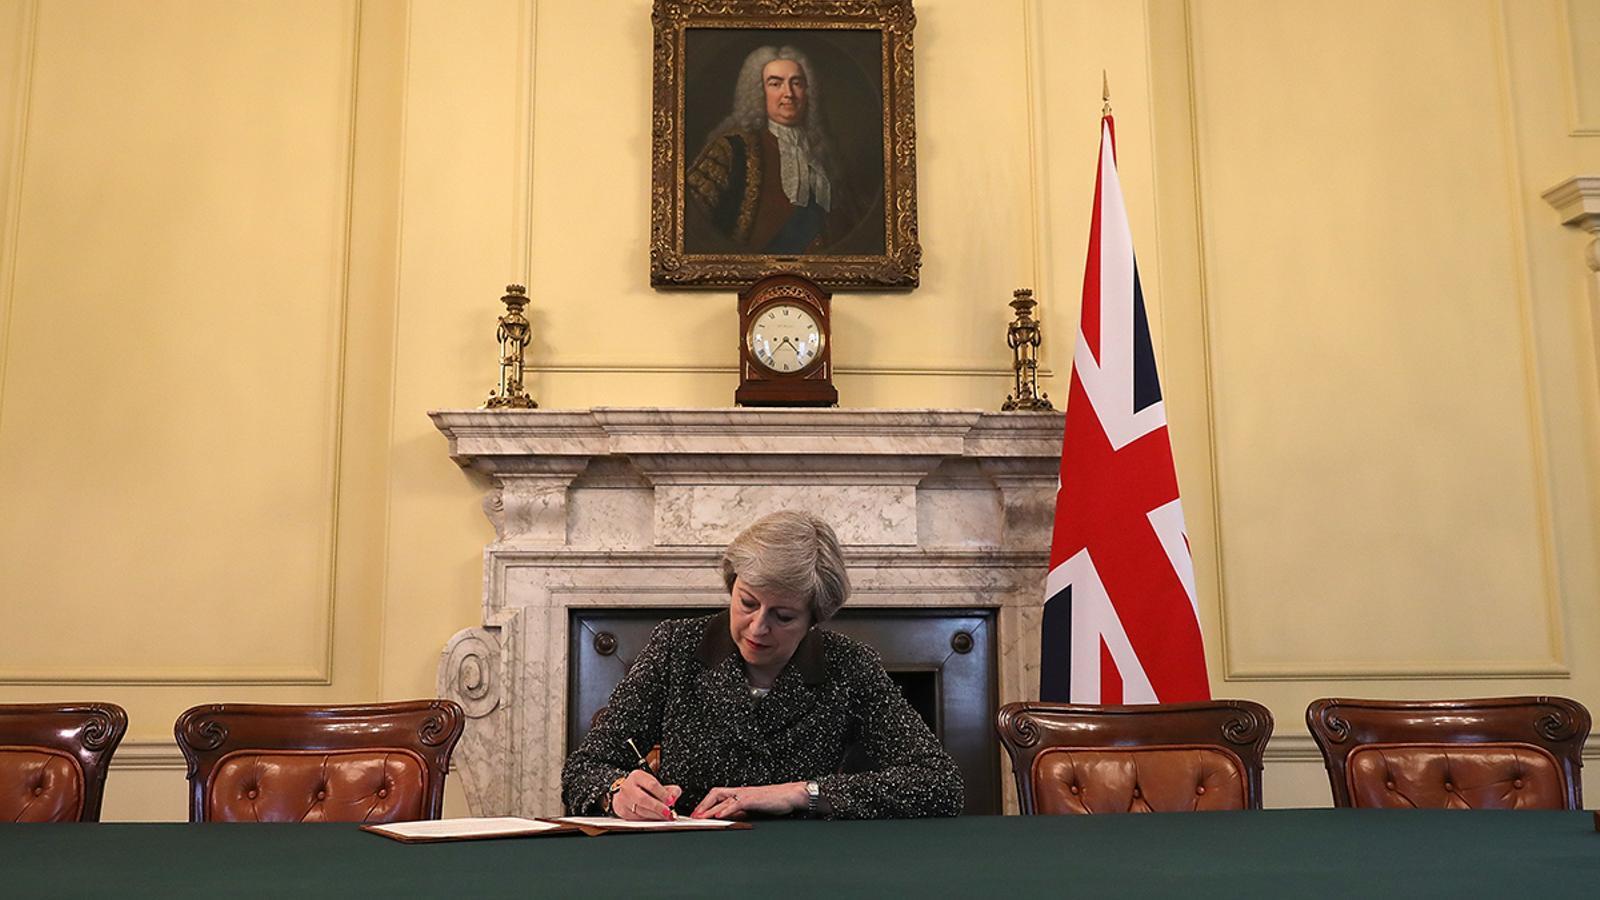 Theresa May signa la carta oficial del Brexit, en un despatx presidit per Robert Walpole, el primer primer minisitre britànic..